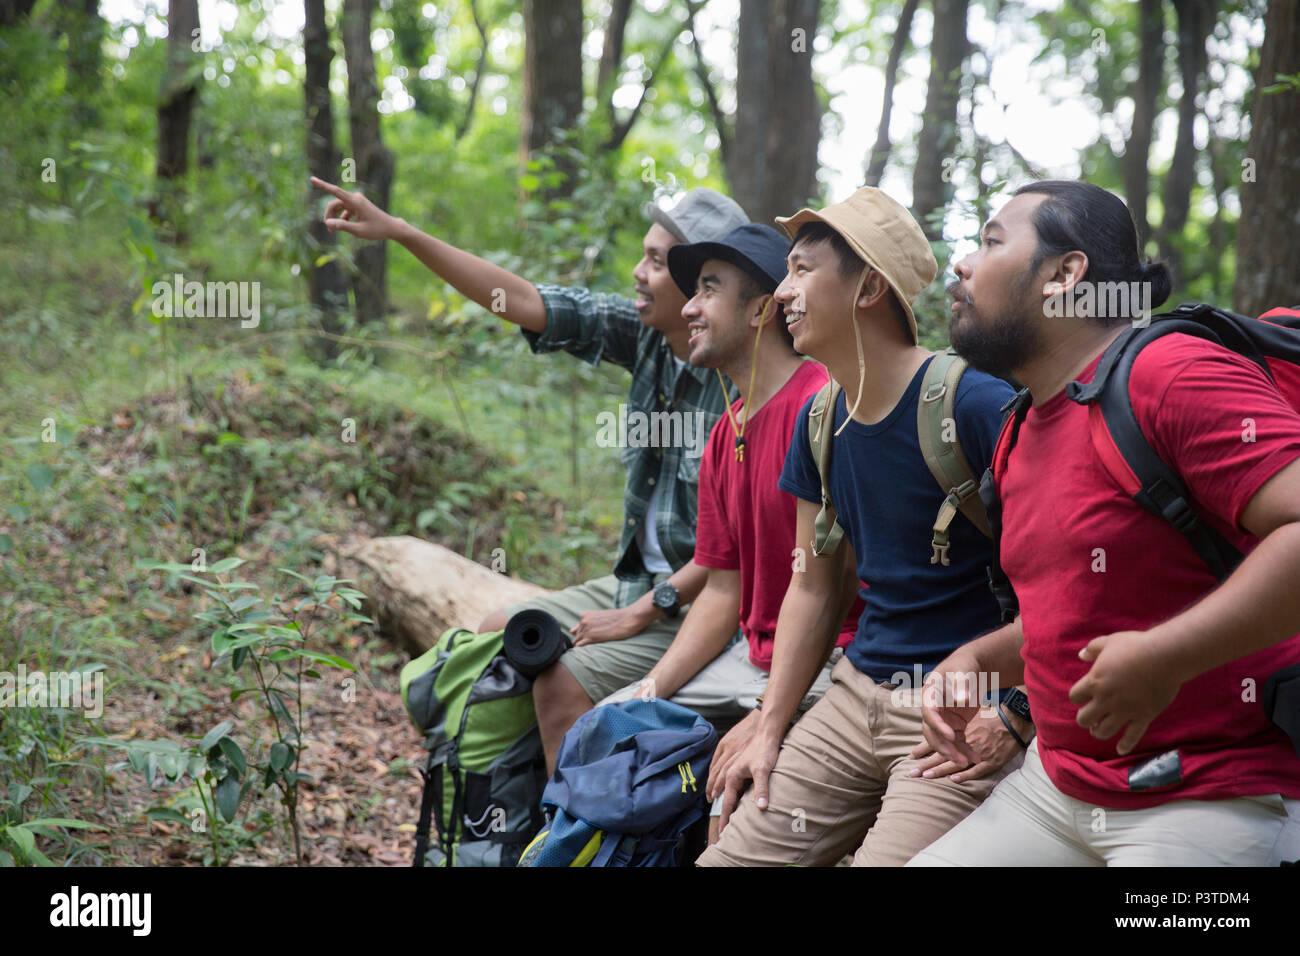 Asiatische Wanderer sitzen und nach Stockbild